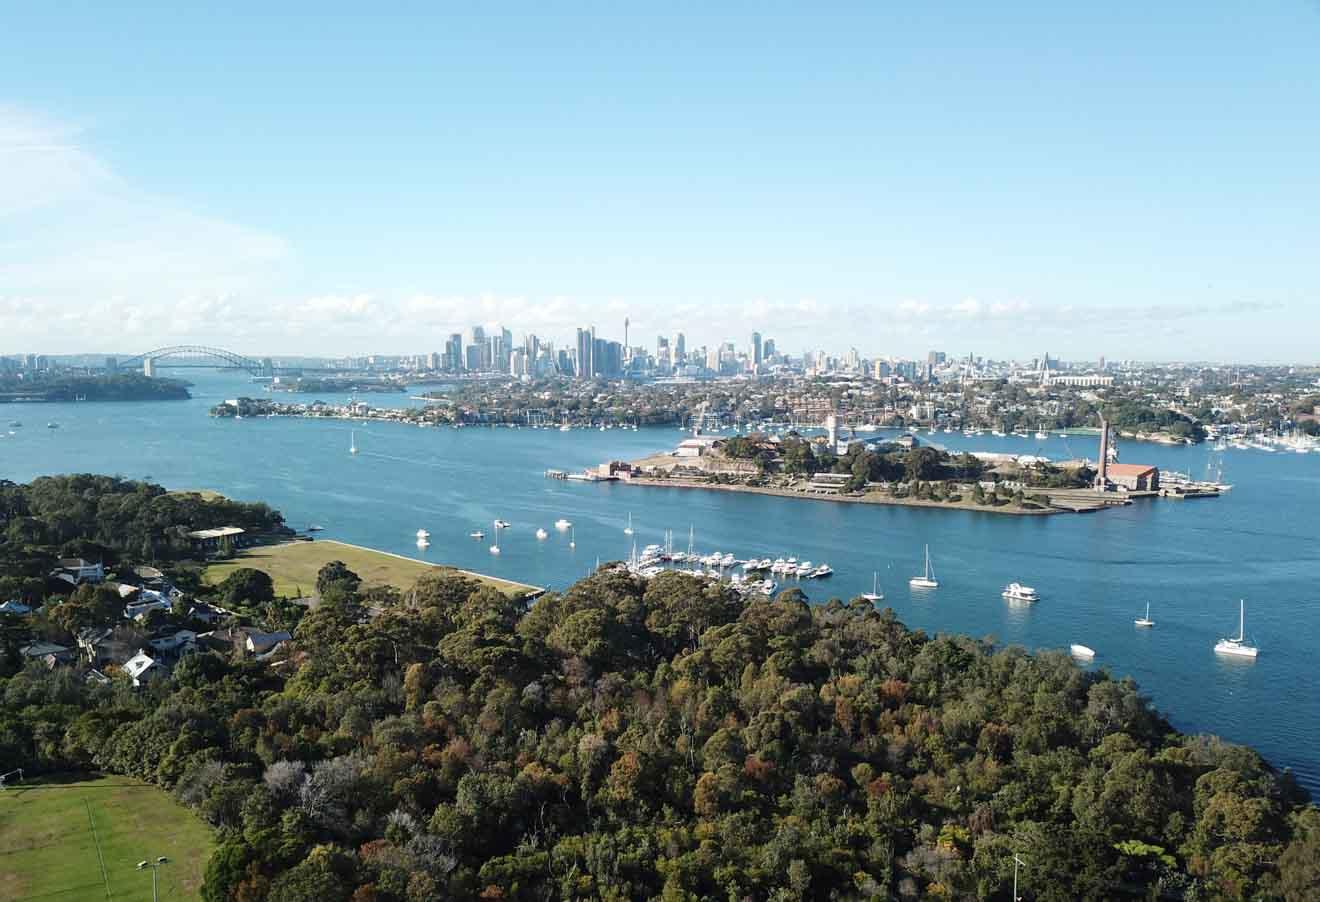 Vista aérea de la isla Cockatoo, Sydney Tour